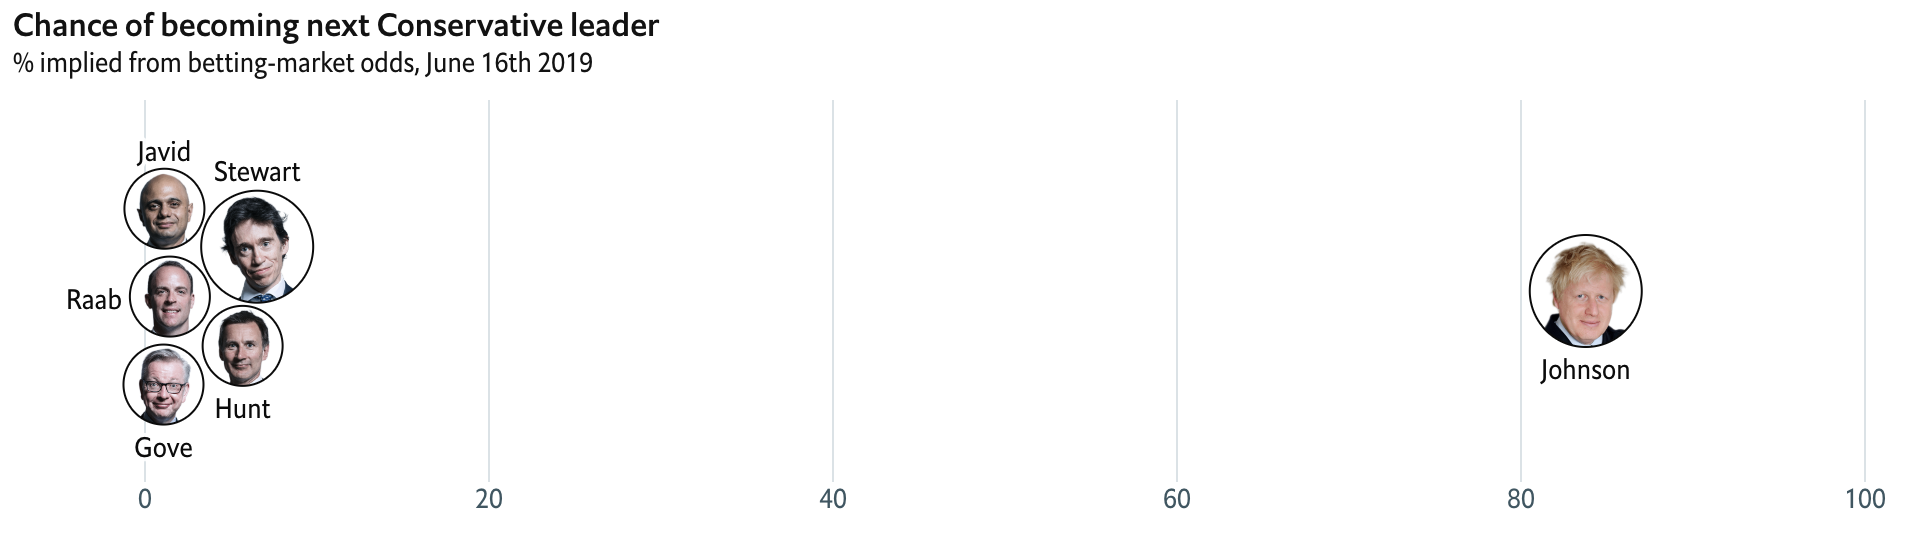 That's a pretty sizable gap